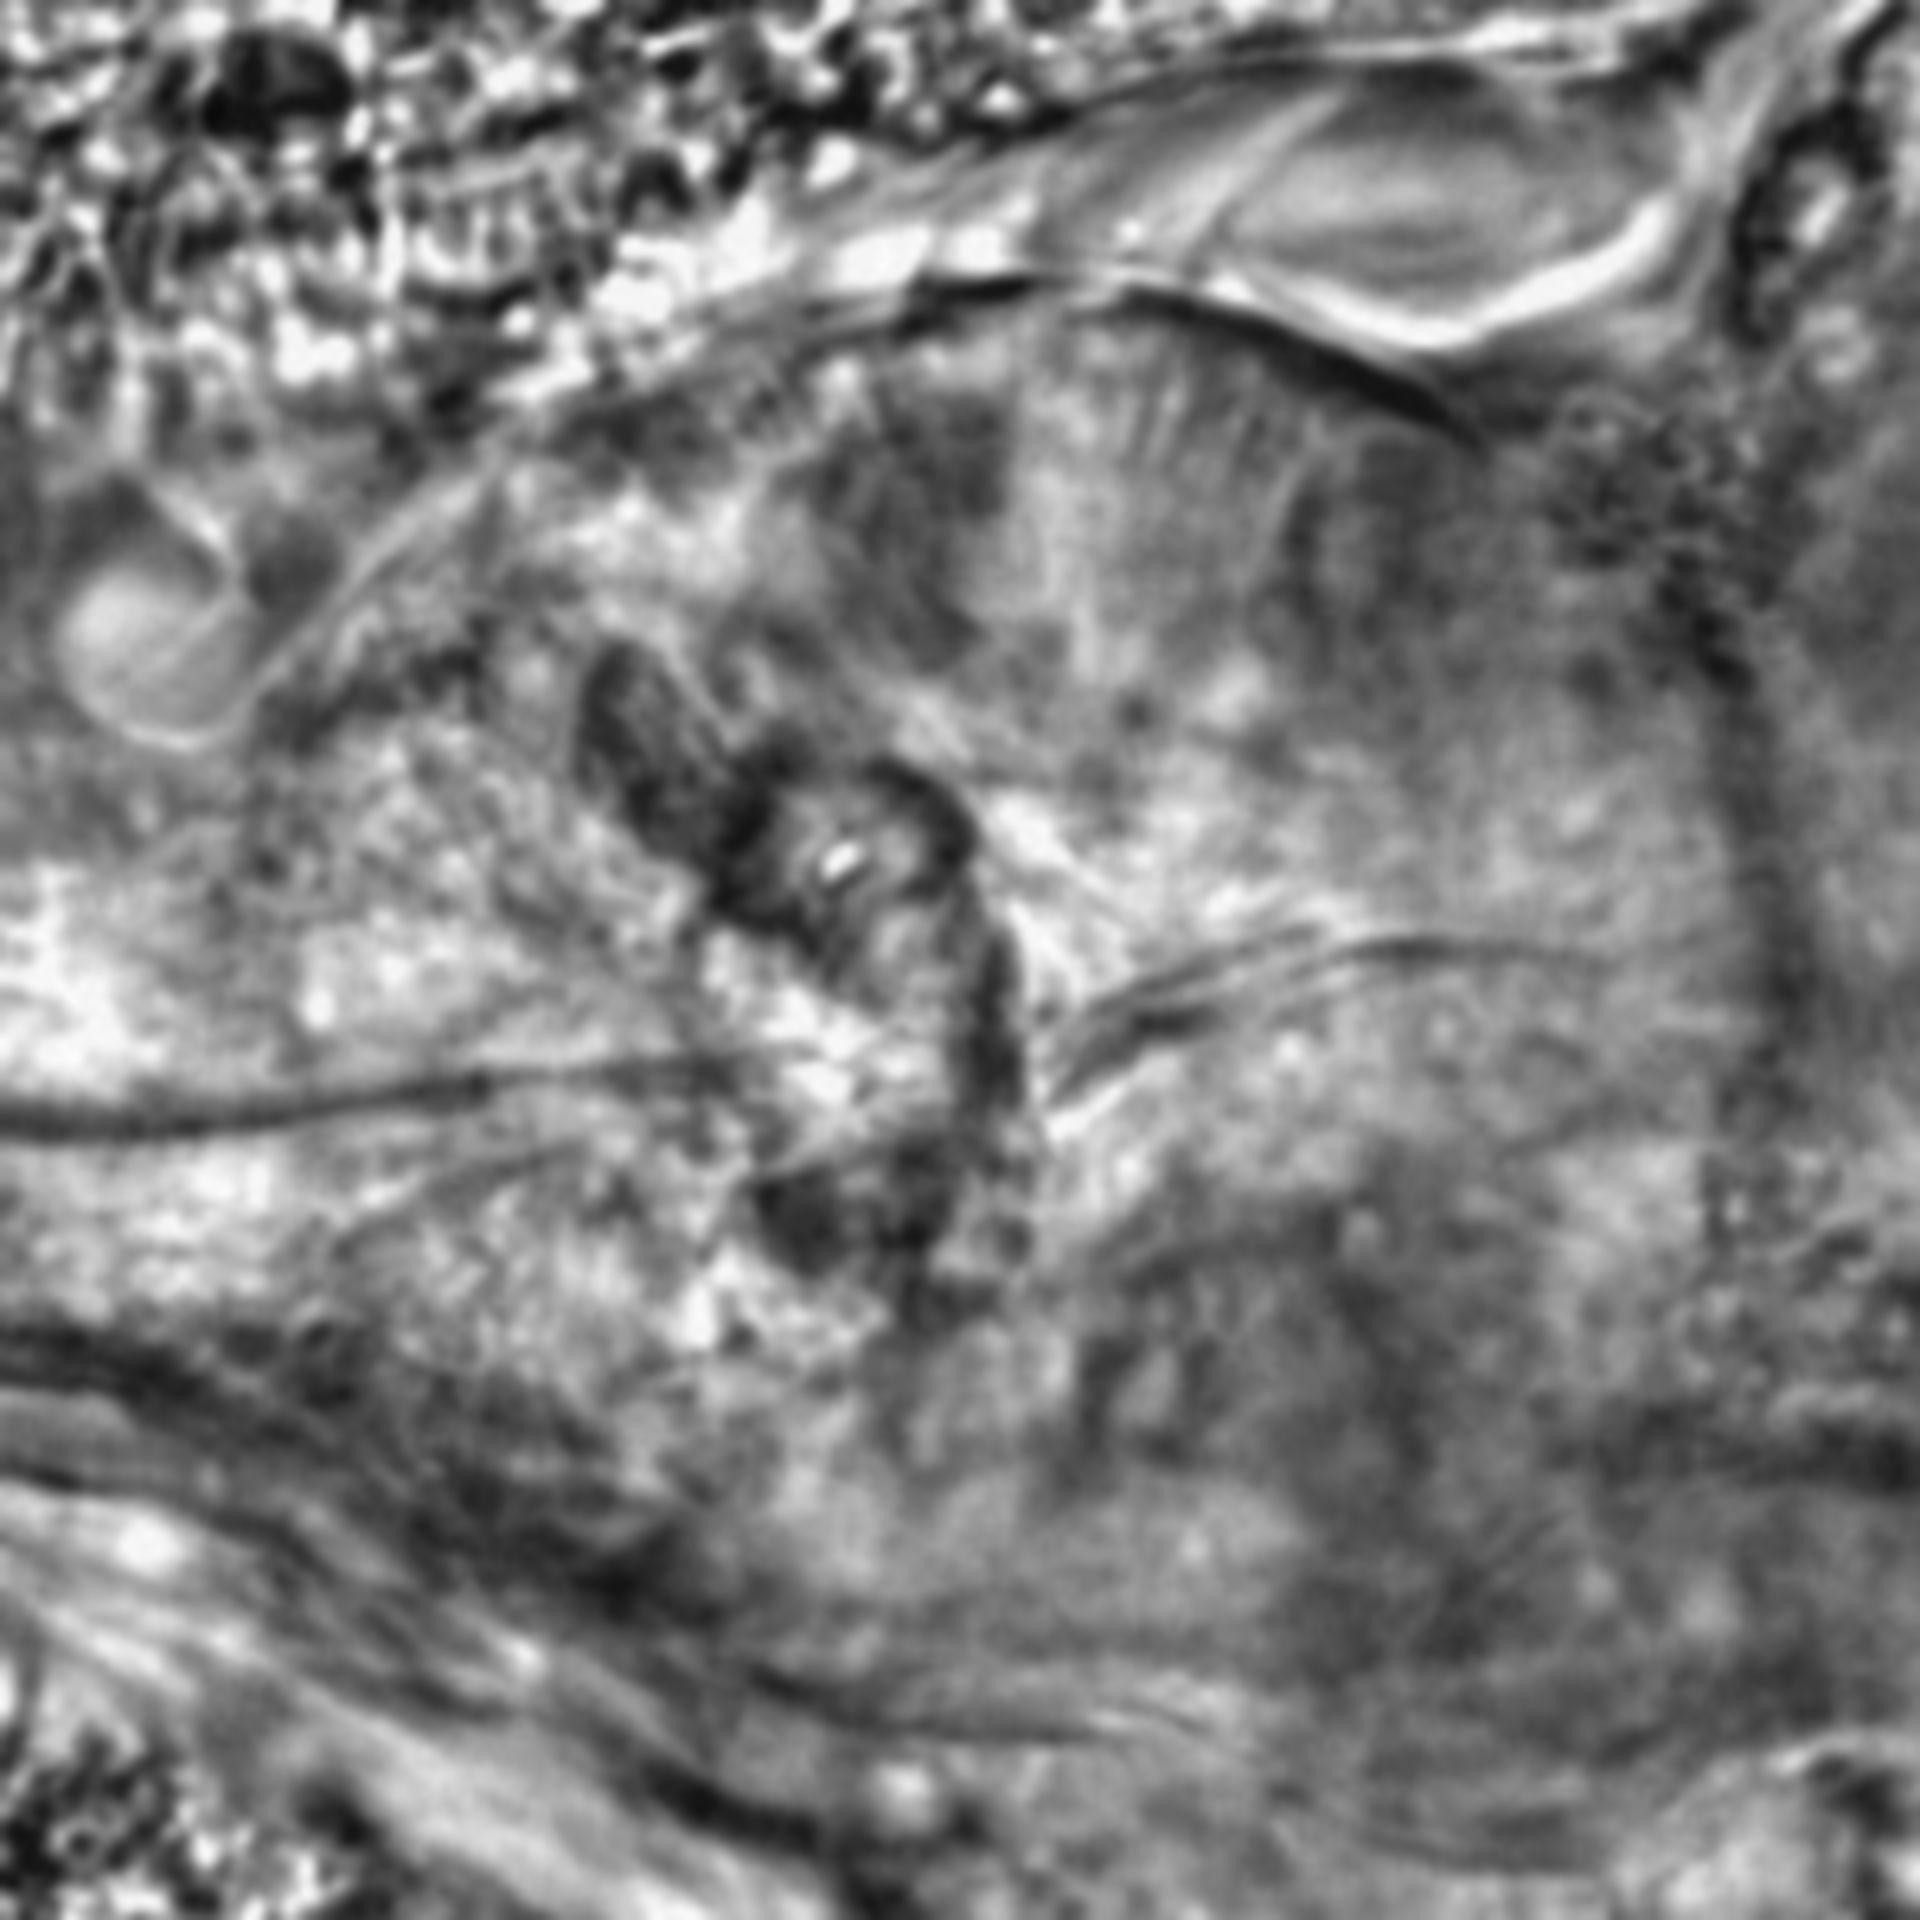 Caenorhabditis elegans - CIL:2688